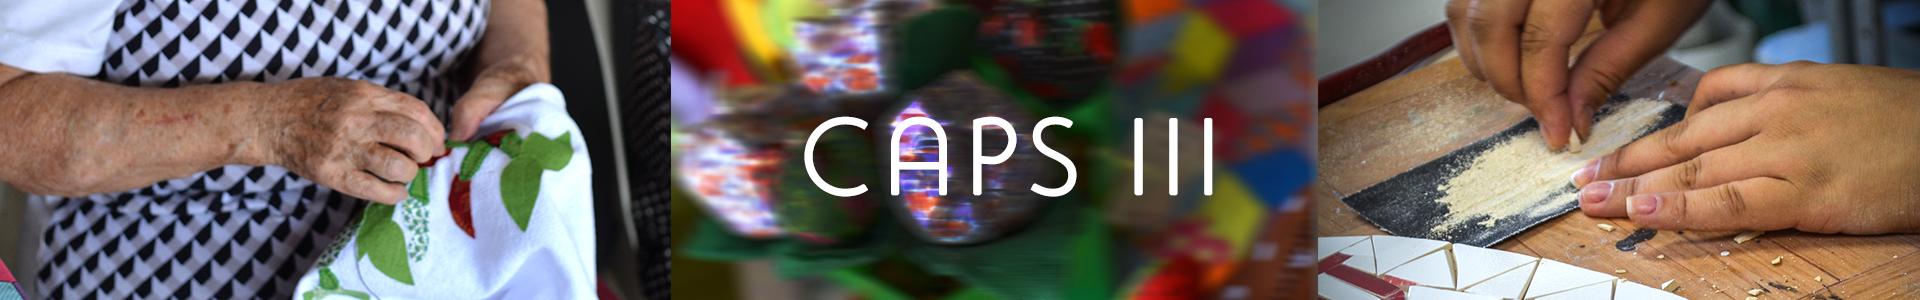 CAPS III